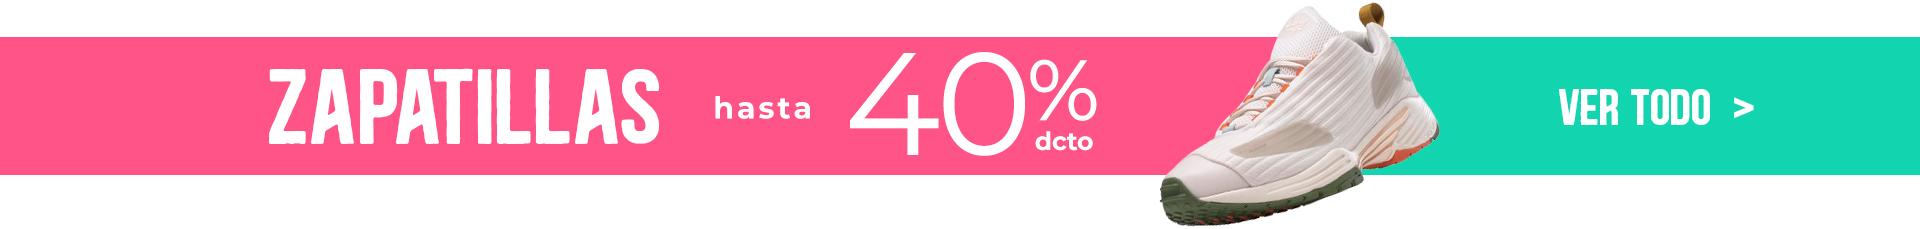 ZAPATILLAS > HASTA 40% DCTO > VER TODO